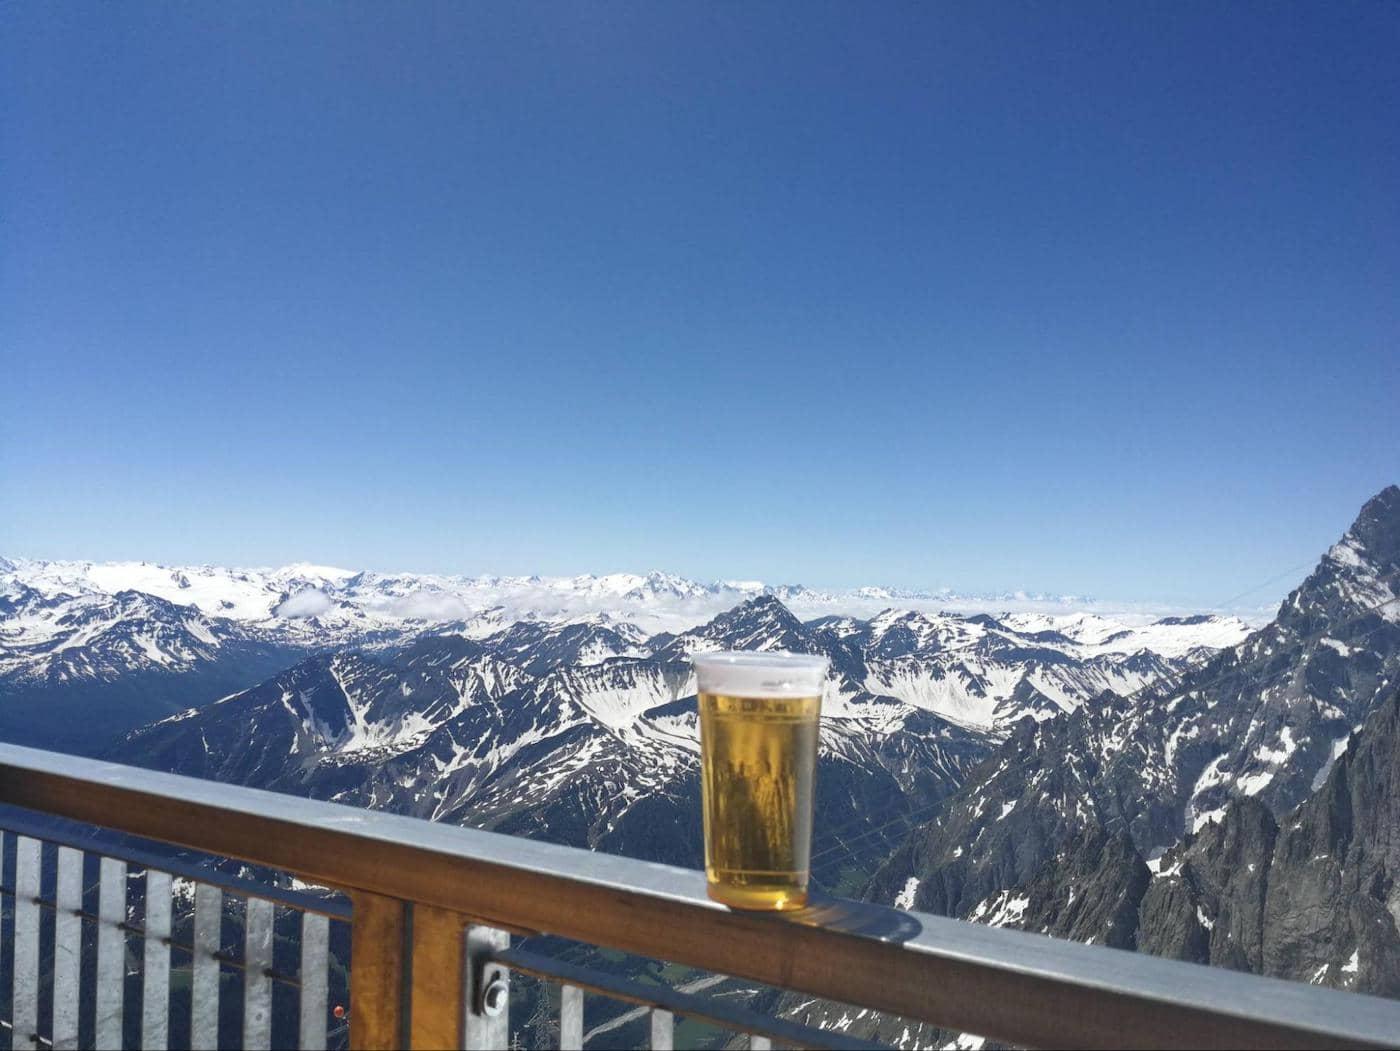 בירה בצרפת בעמק שאמוני